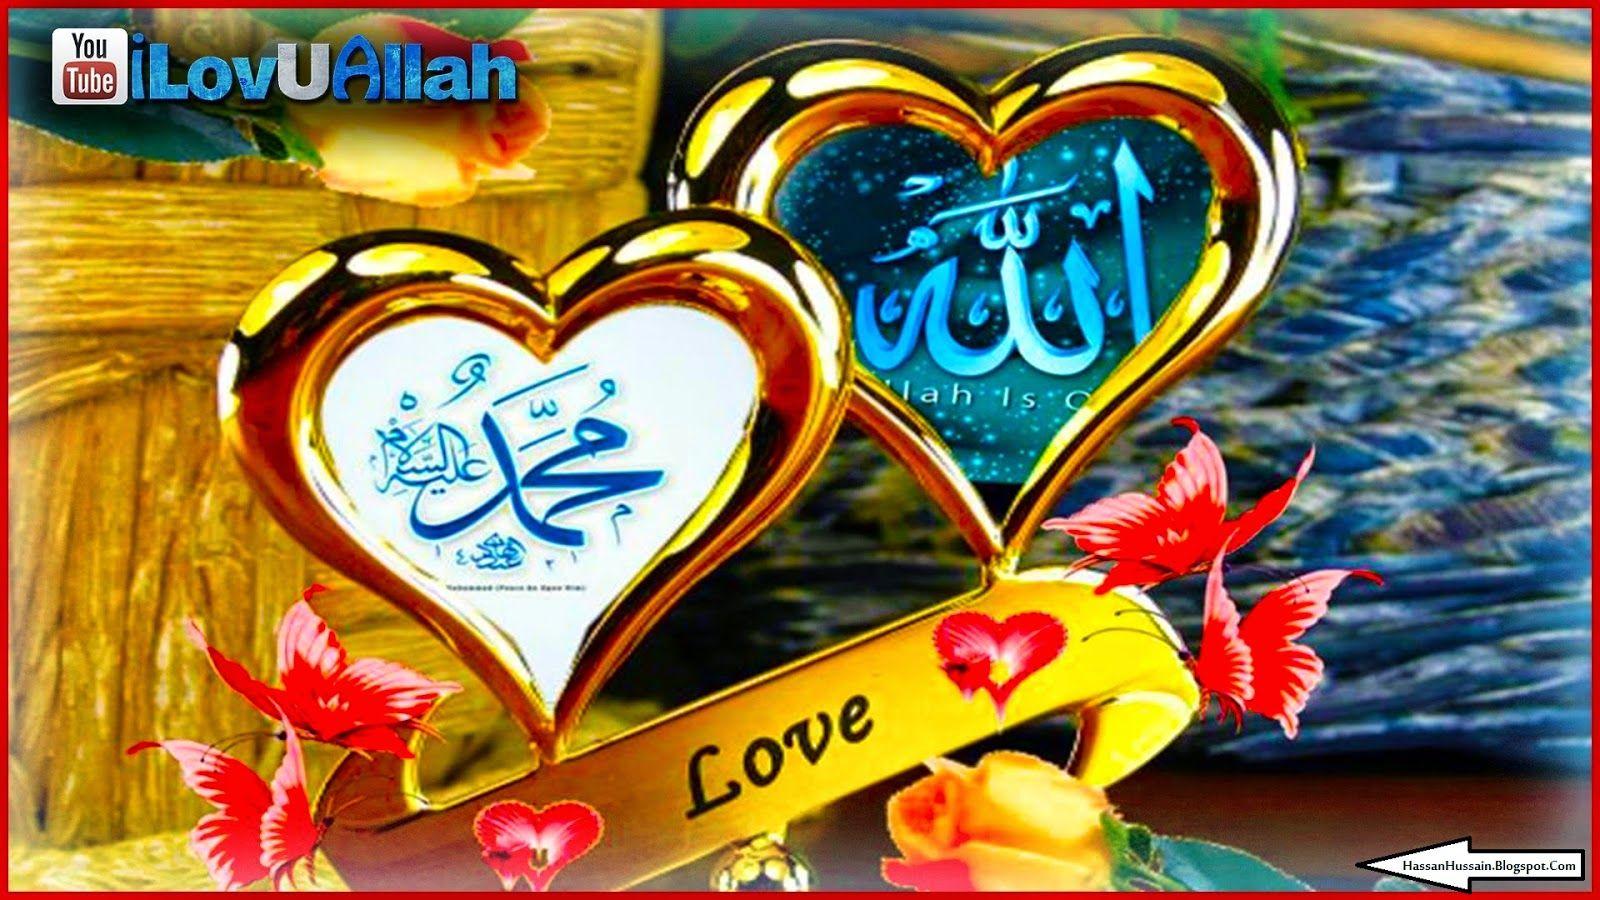 Allah Muhammad Saw Names Wallpapers Hd ...